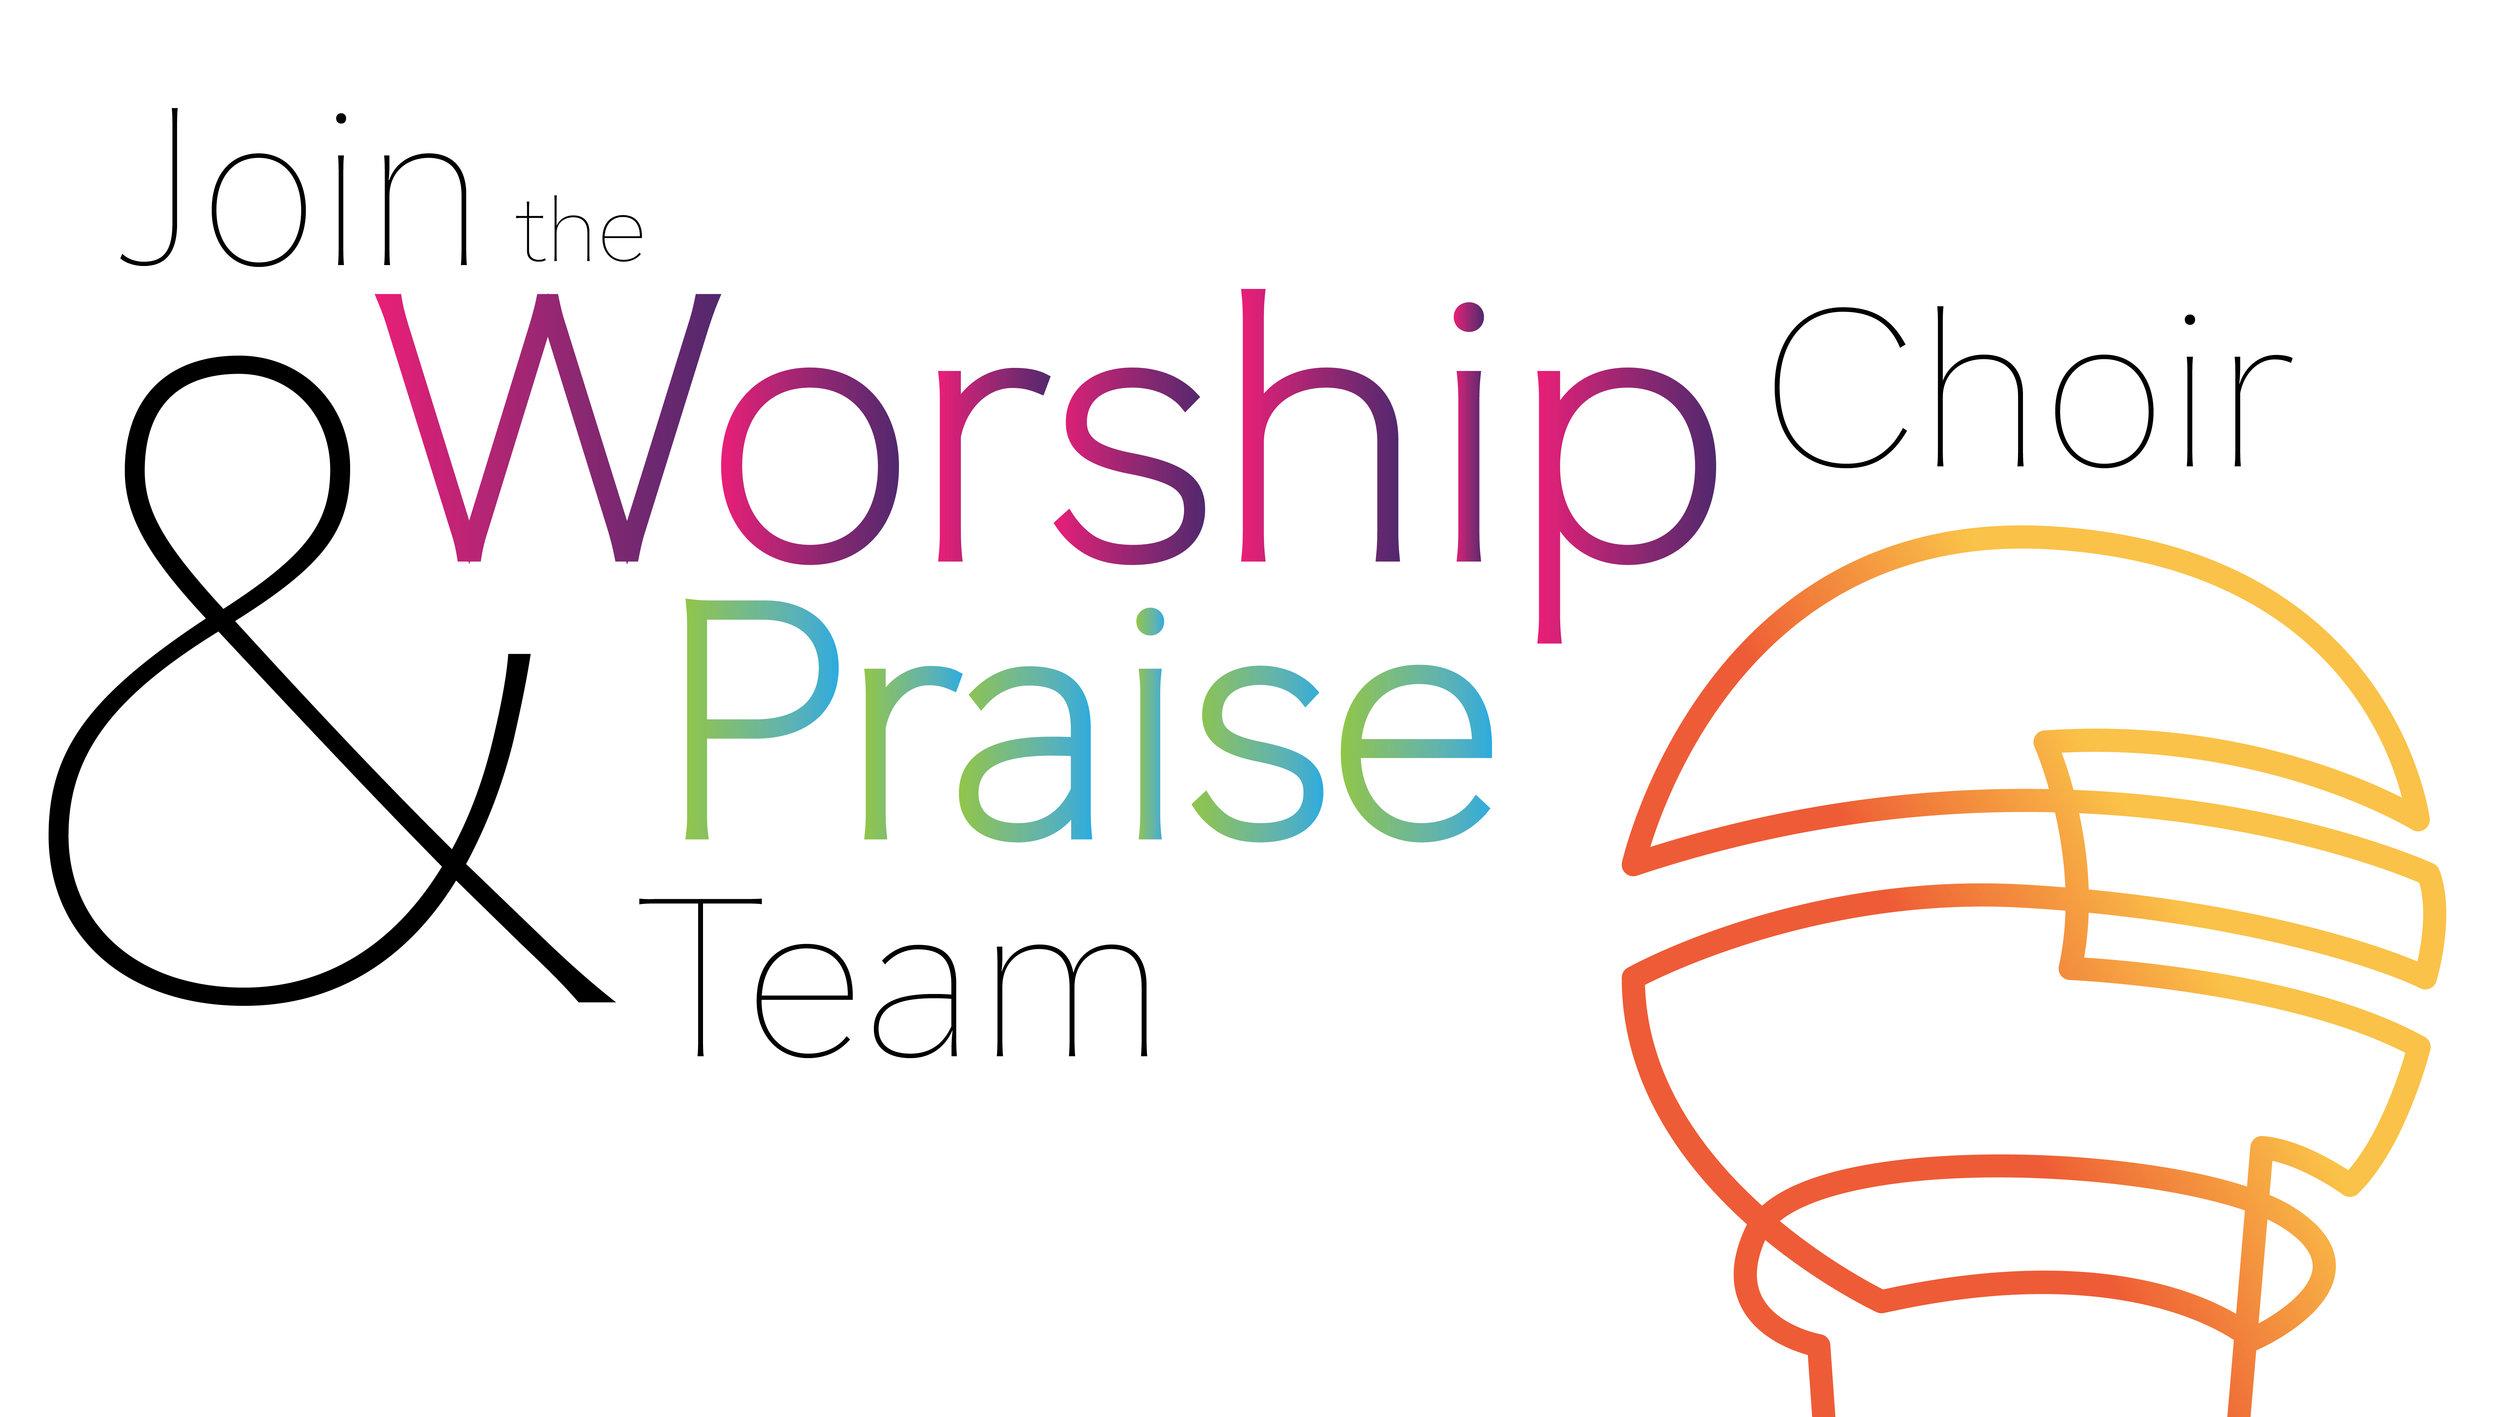 WorshipChoirandPraiseTeamBasic-01.jpg